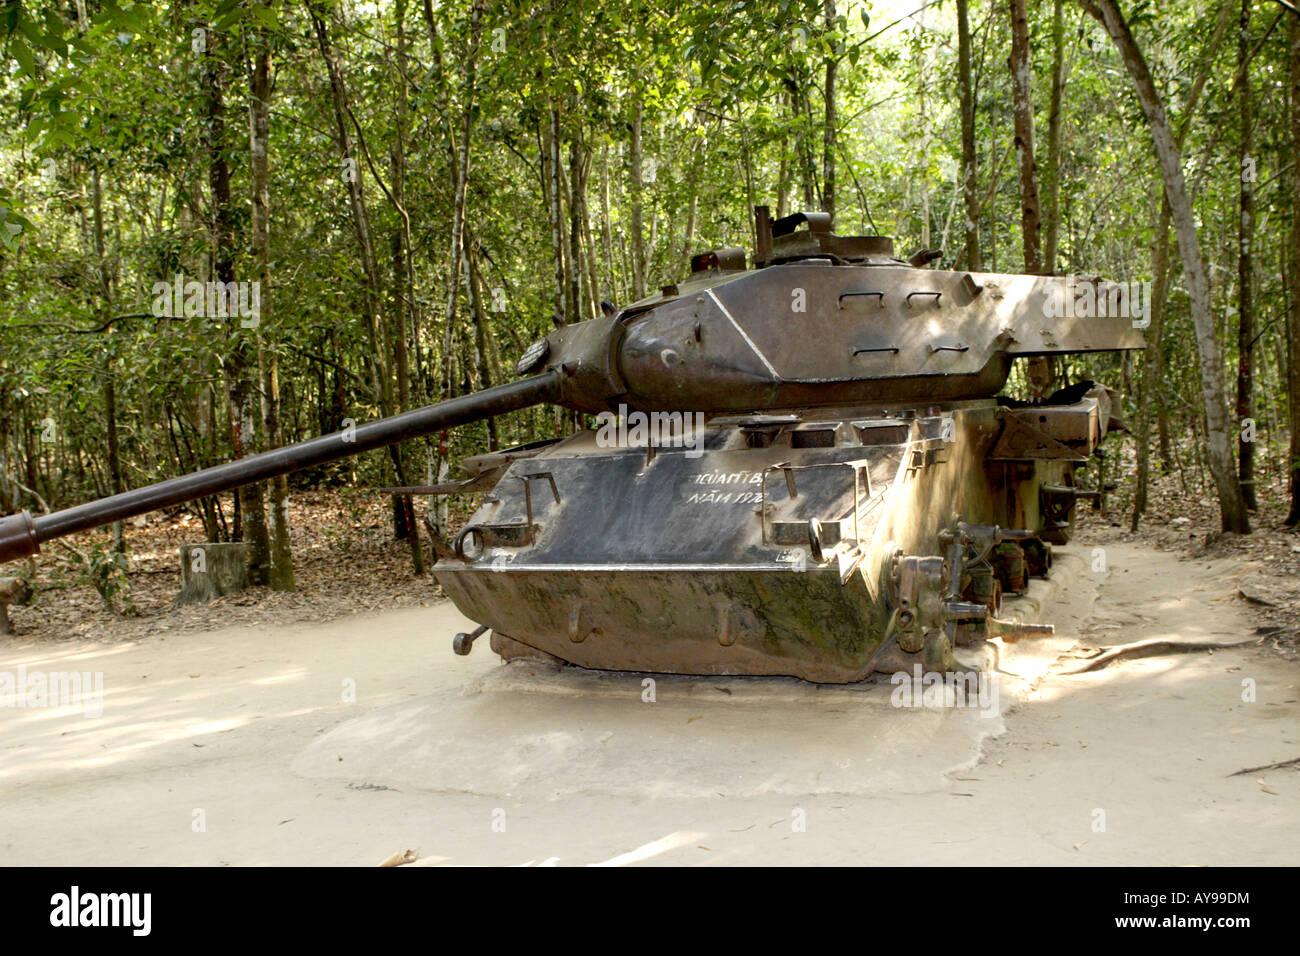 American m 41 tank destroyed by mine in vietnam war cu chi vietnam stock